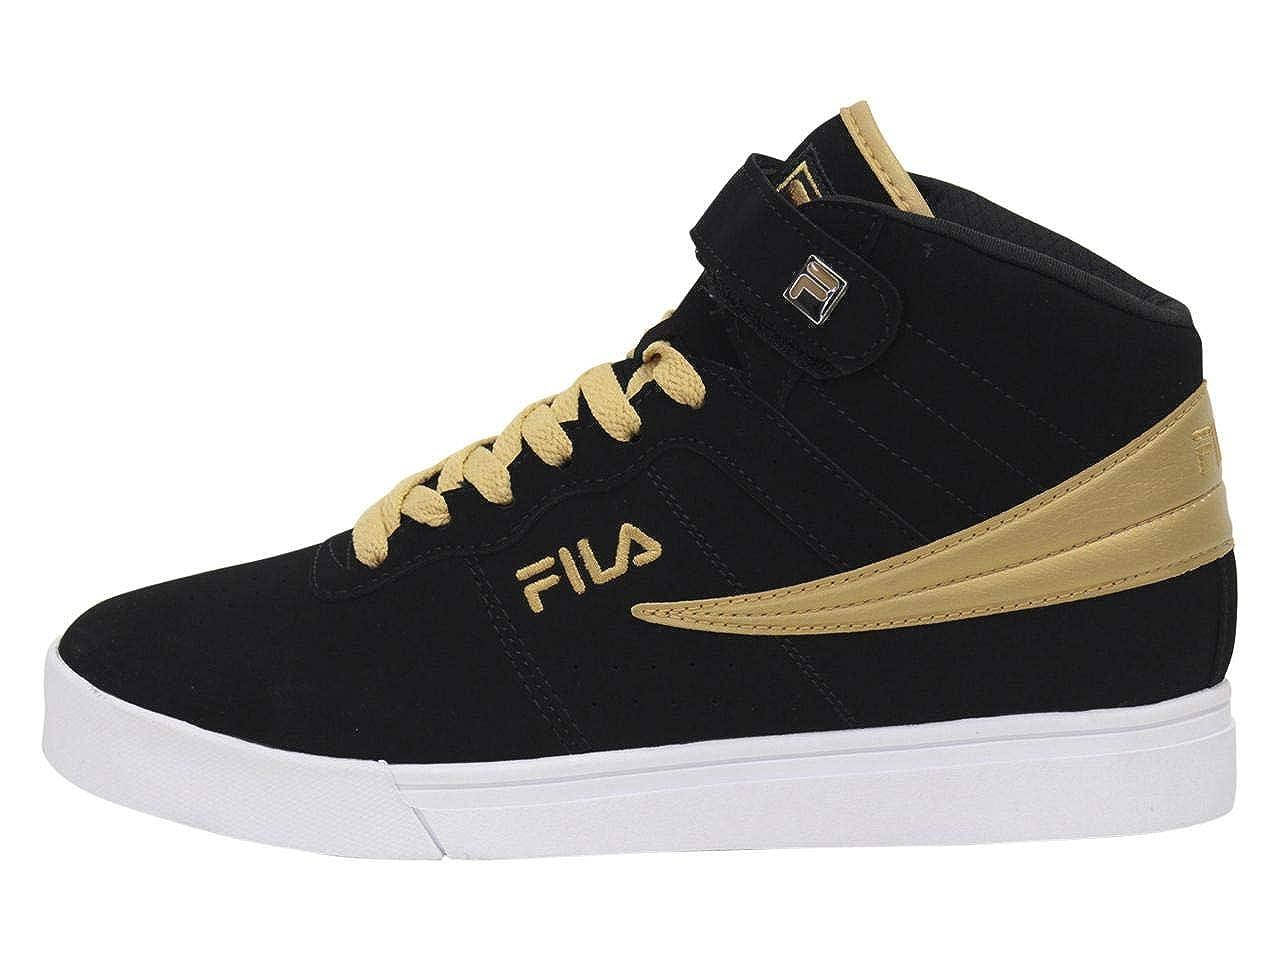 Buy Fila Men's Vulc 13 Mp Sneaker Black